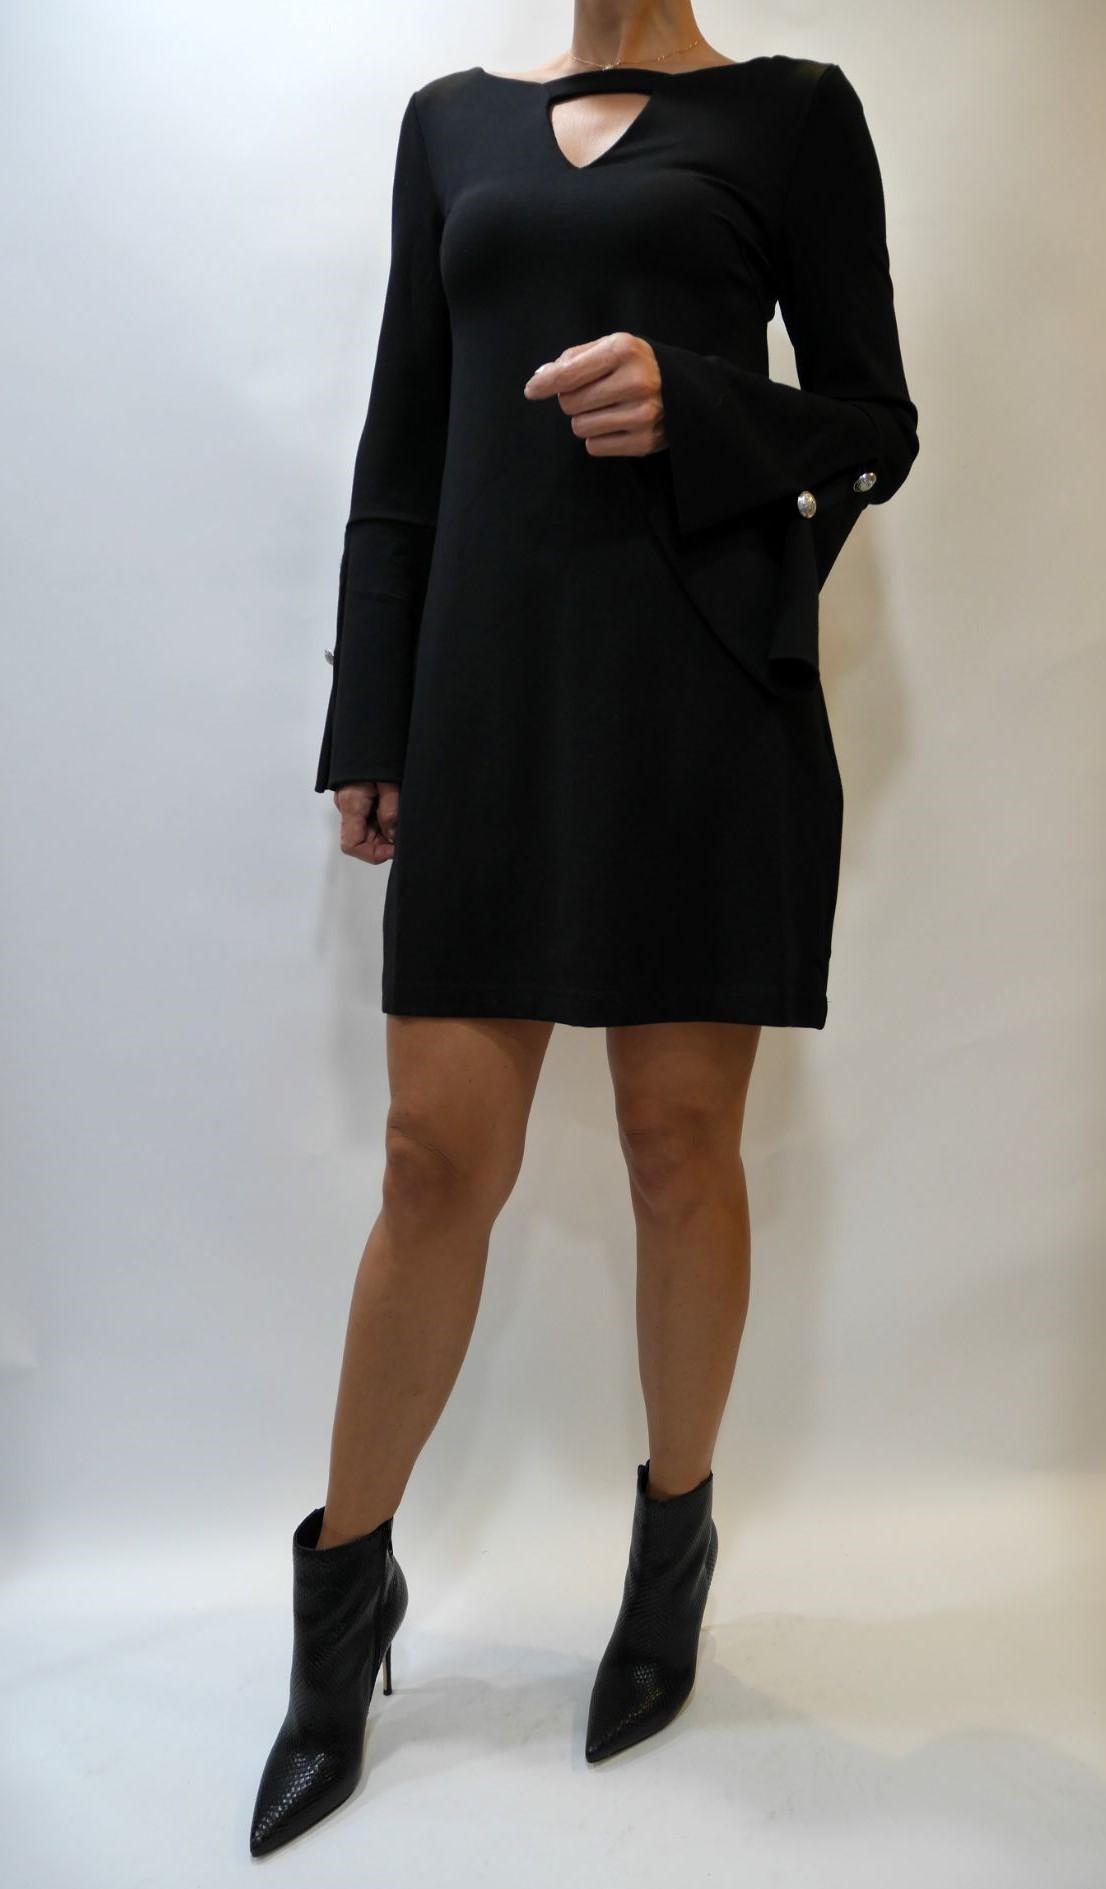 W94K62K8RN0-JBLK AURORA DRESS 3